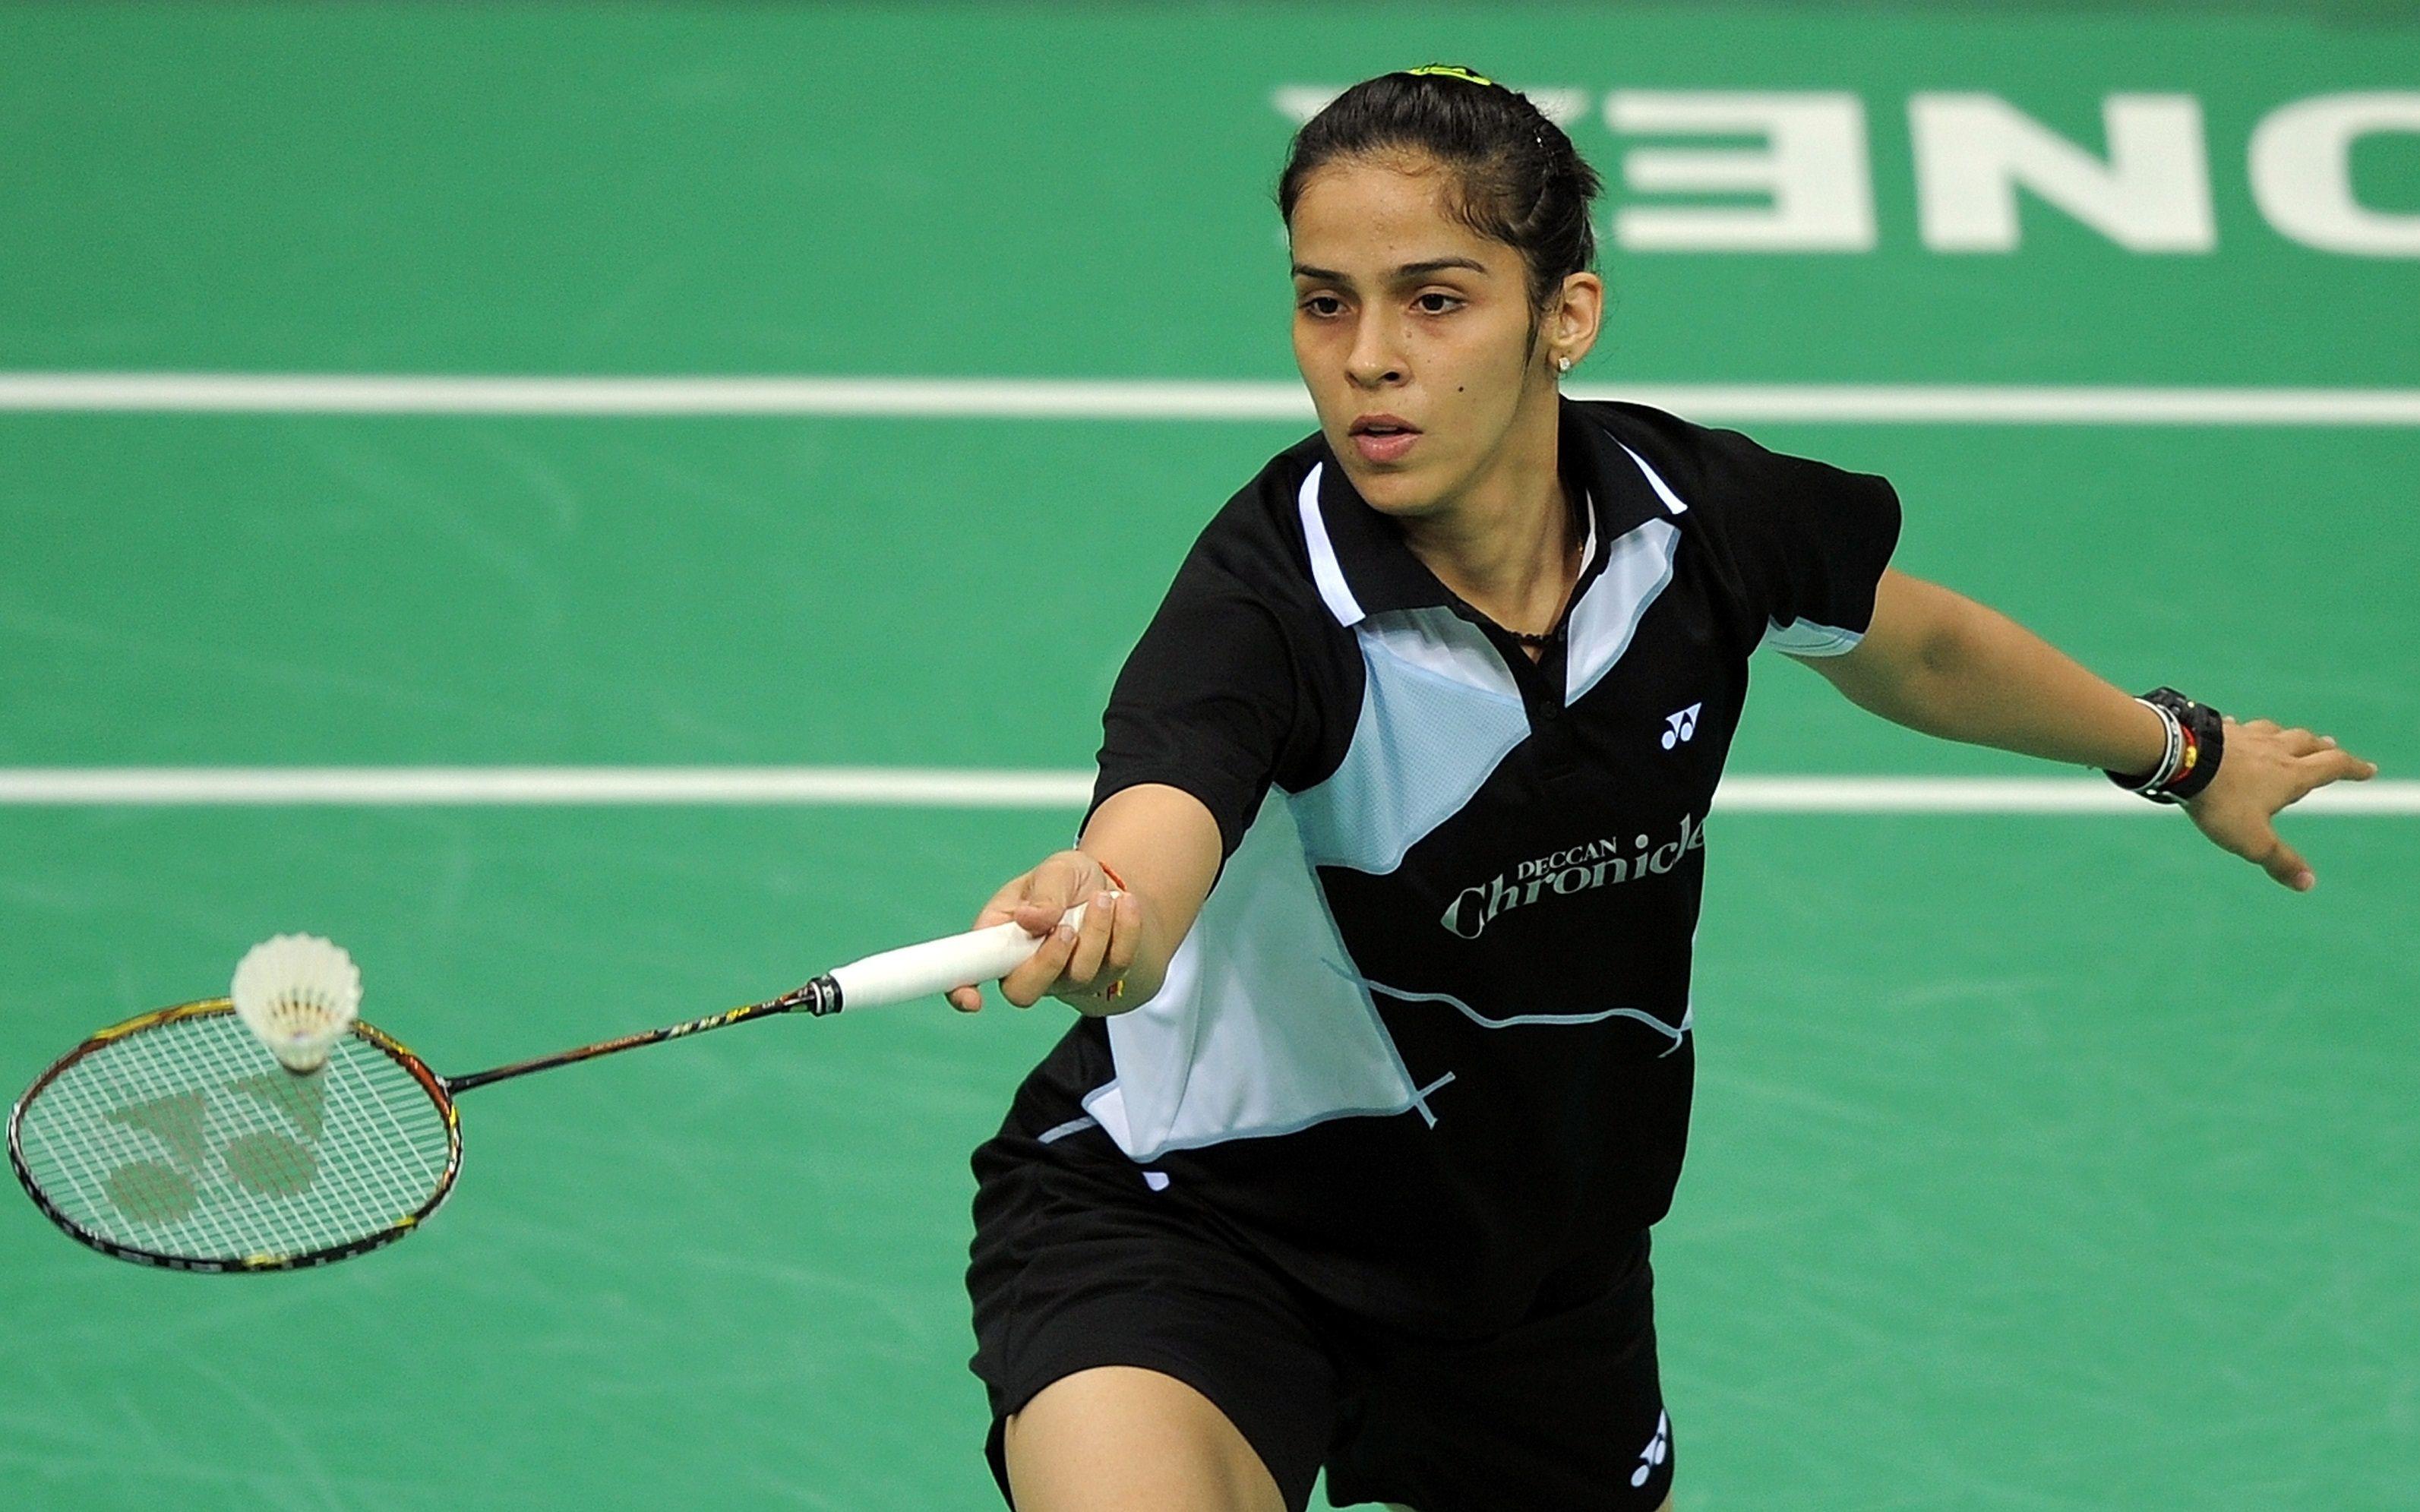 Saina Nehwal seeded fifth at Olympics